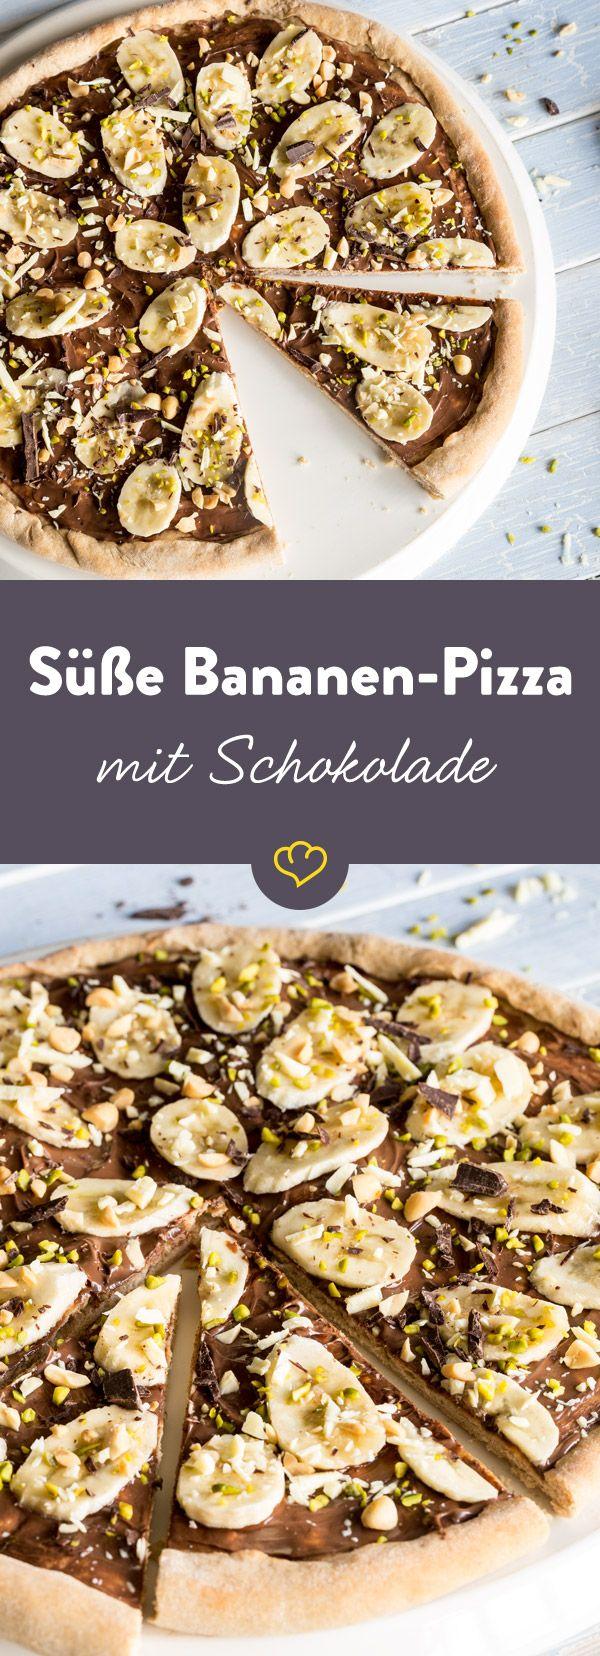 Du willst große Jubelstürme ernten? Dann mach süße Pizza mit geschmolzener Nuss-Nougat-Creme, Bananen, gesalzenen Erdnüssen und Pistazien.